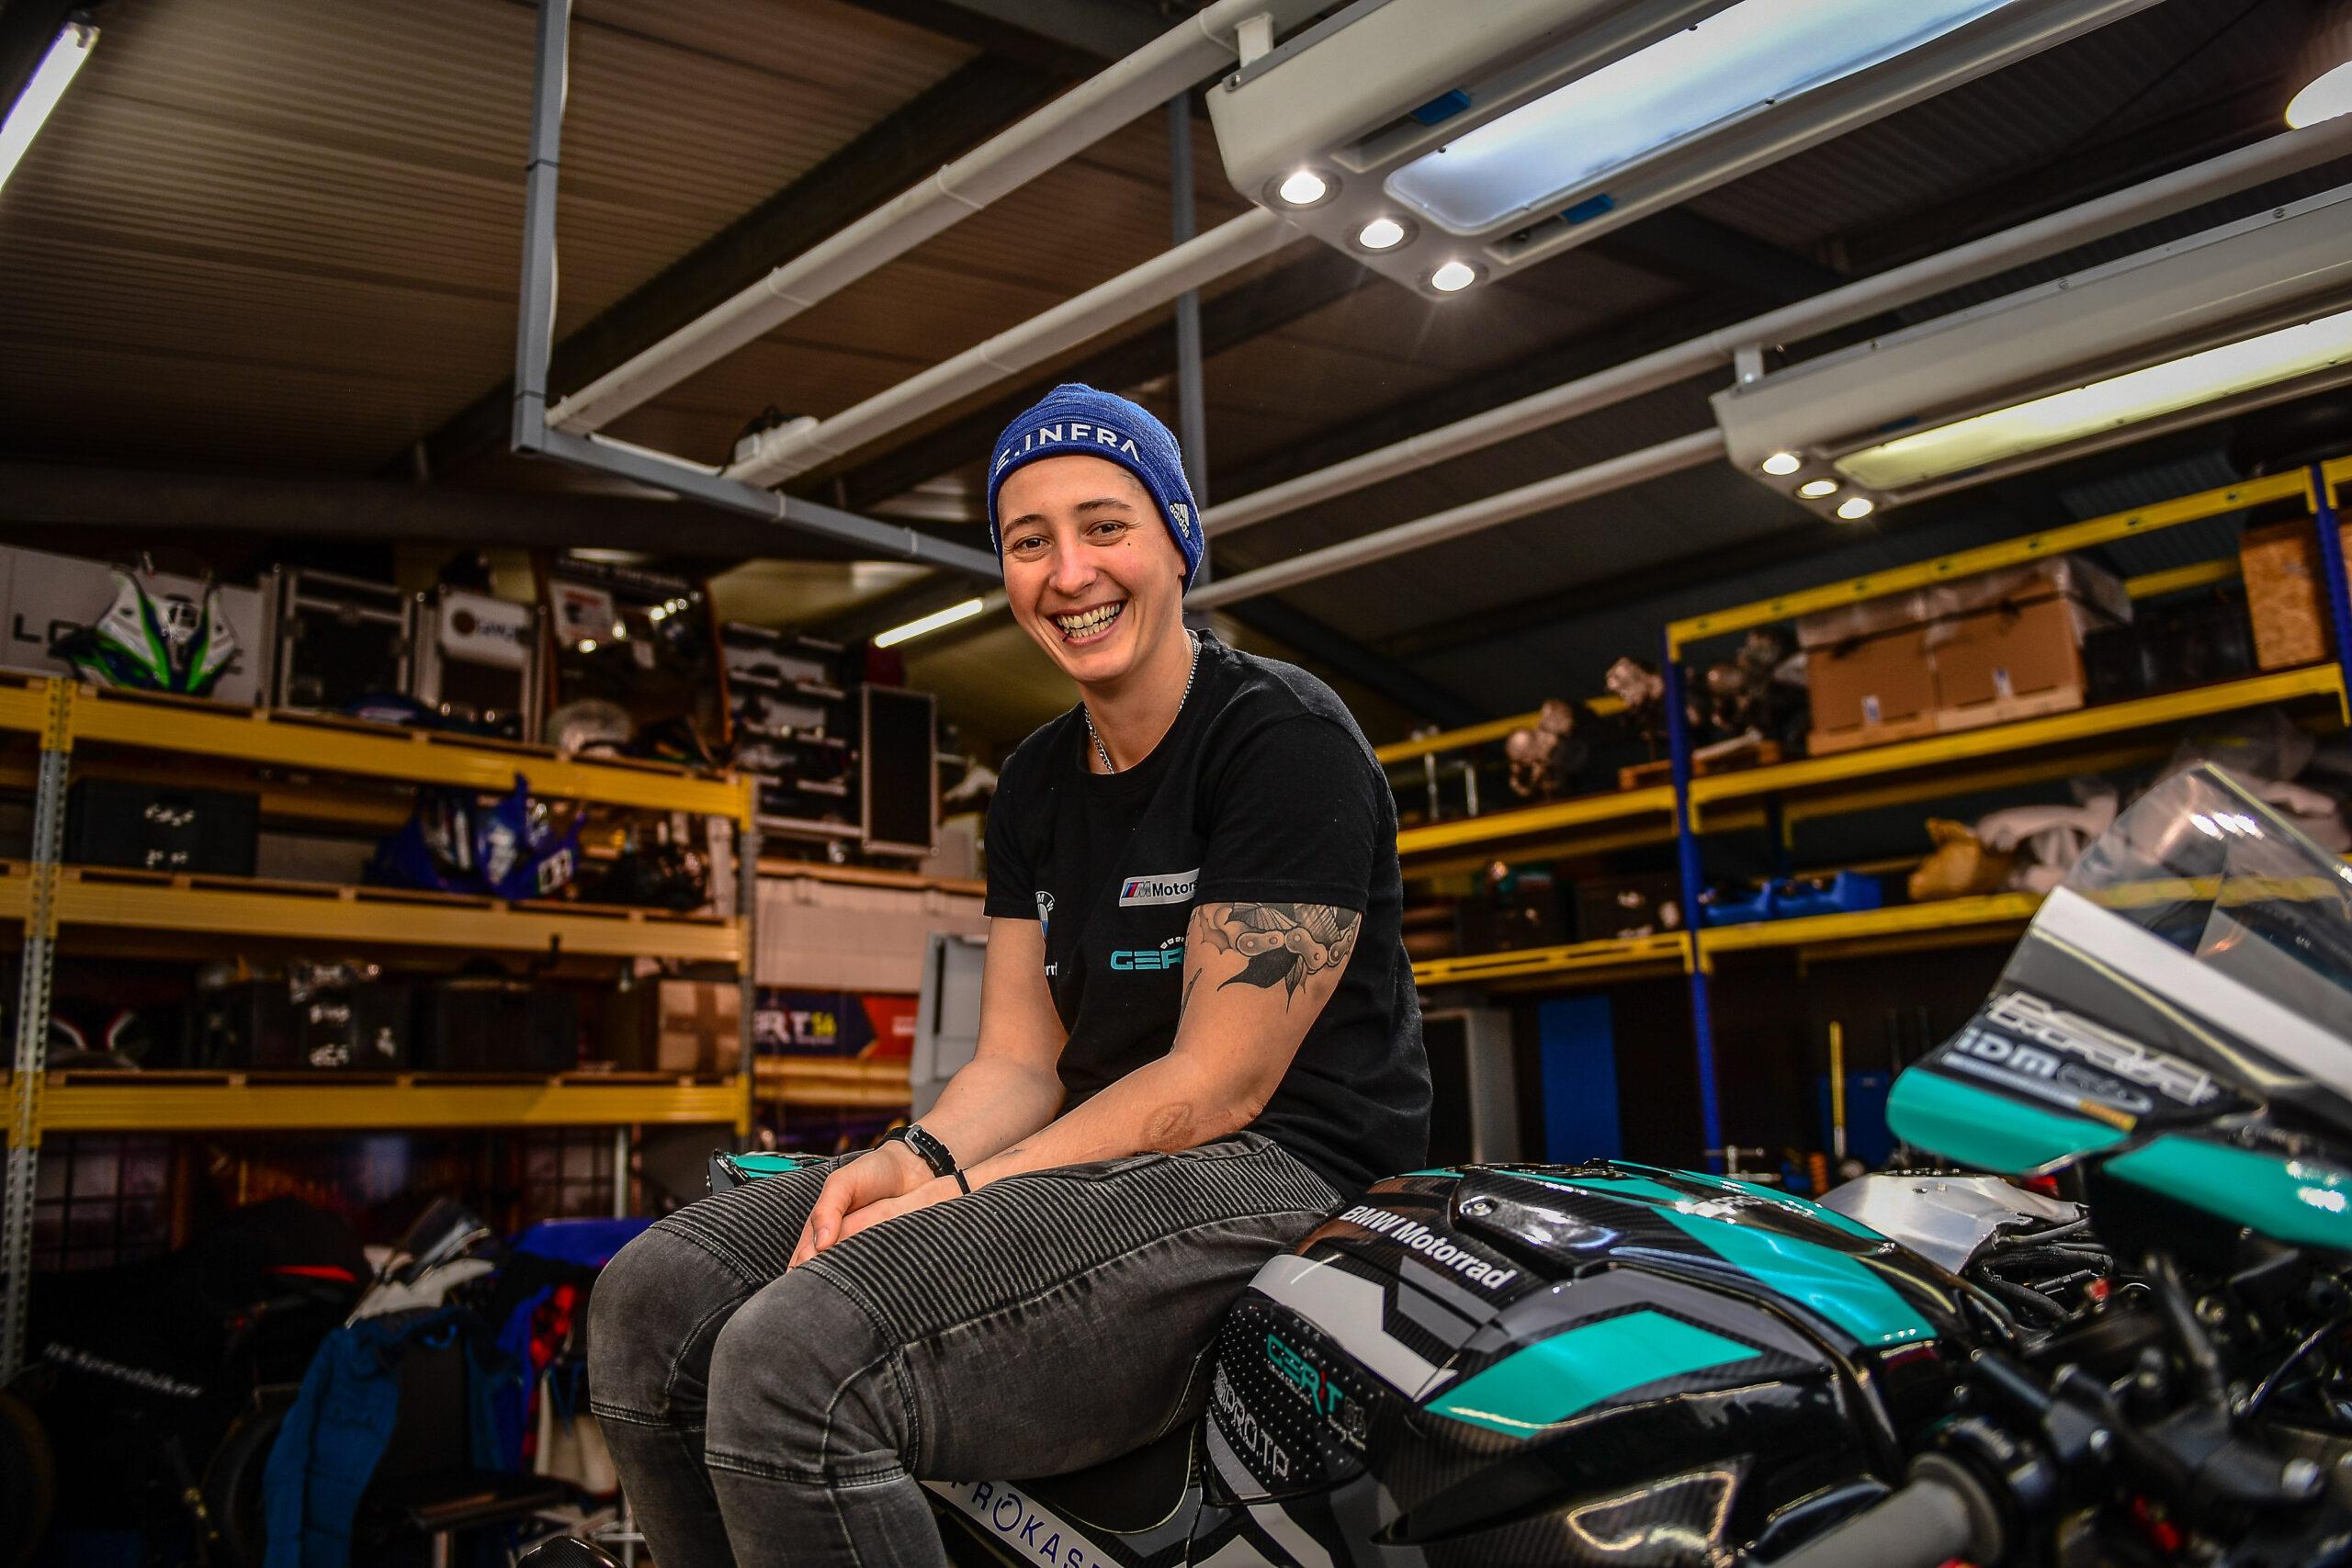 GERT56 verpflichtet Lucy Glöckner für IDM Superbike 1000